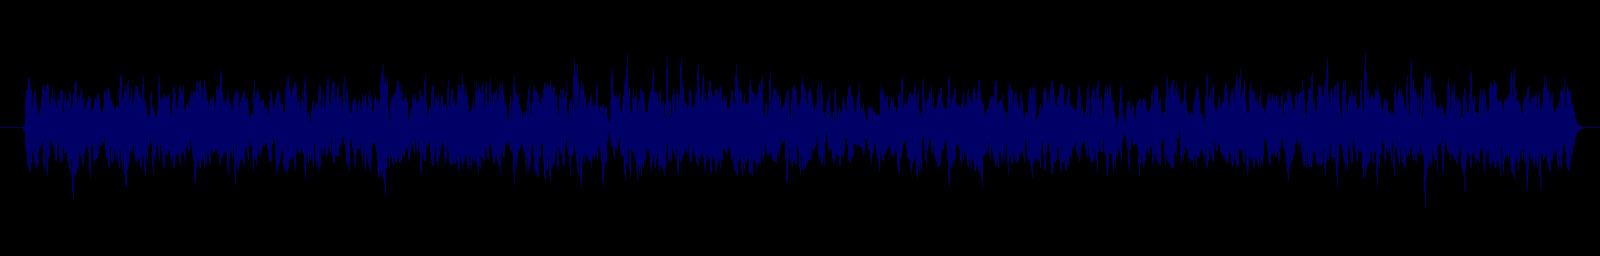 waveform of track #135682